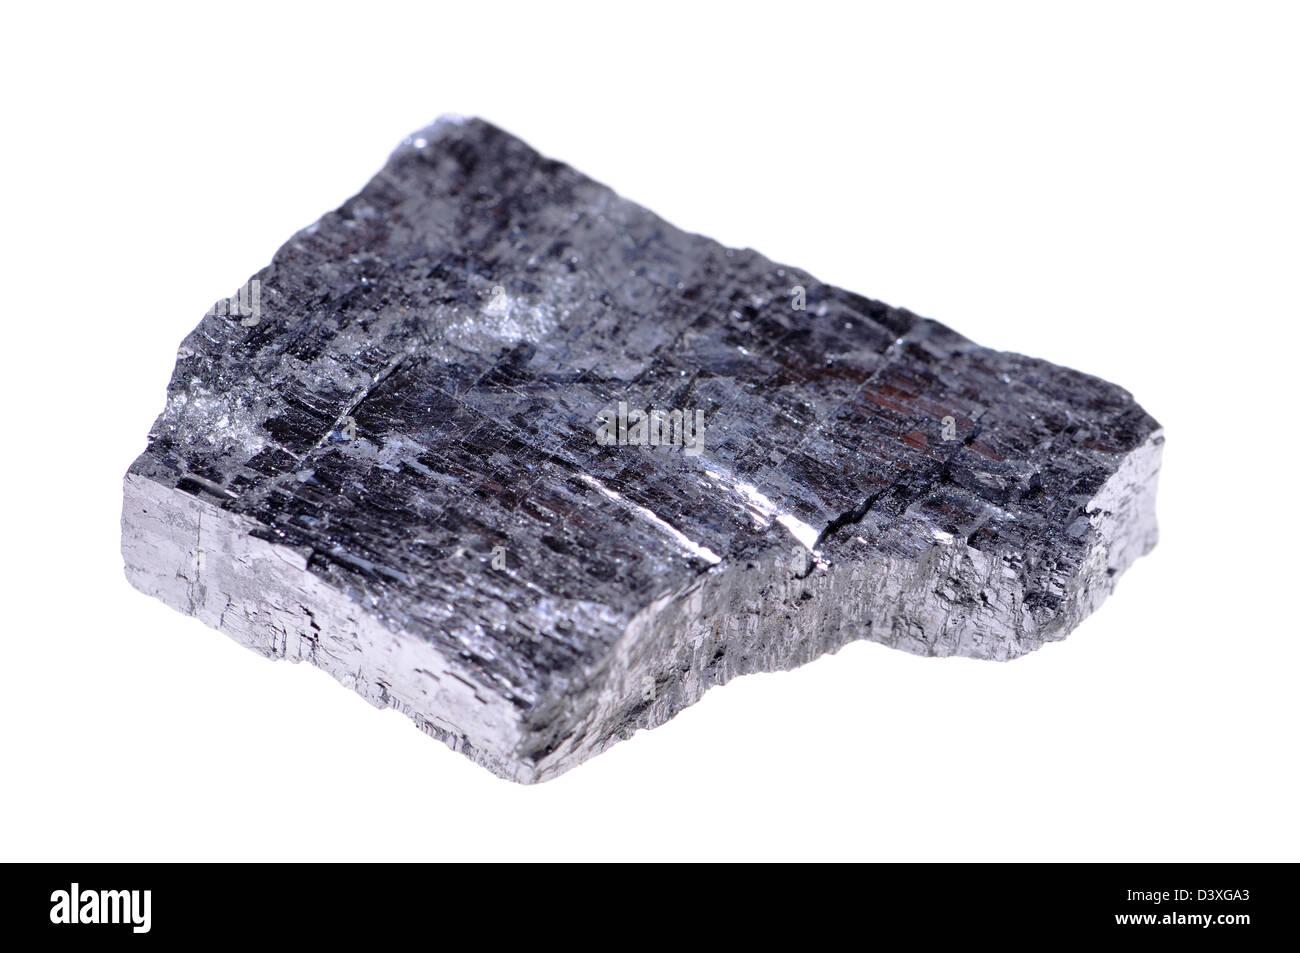 Galena (sulfuro de plomo) principales mineral de plomo. Imagen De Stock